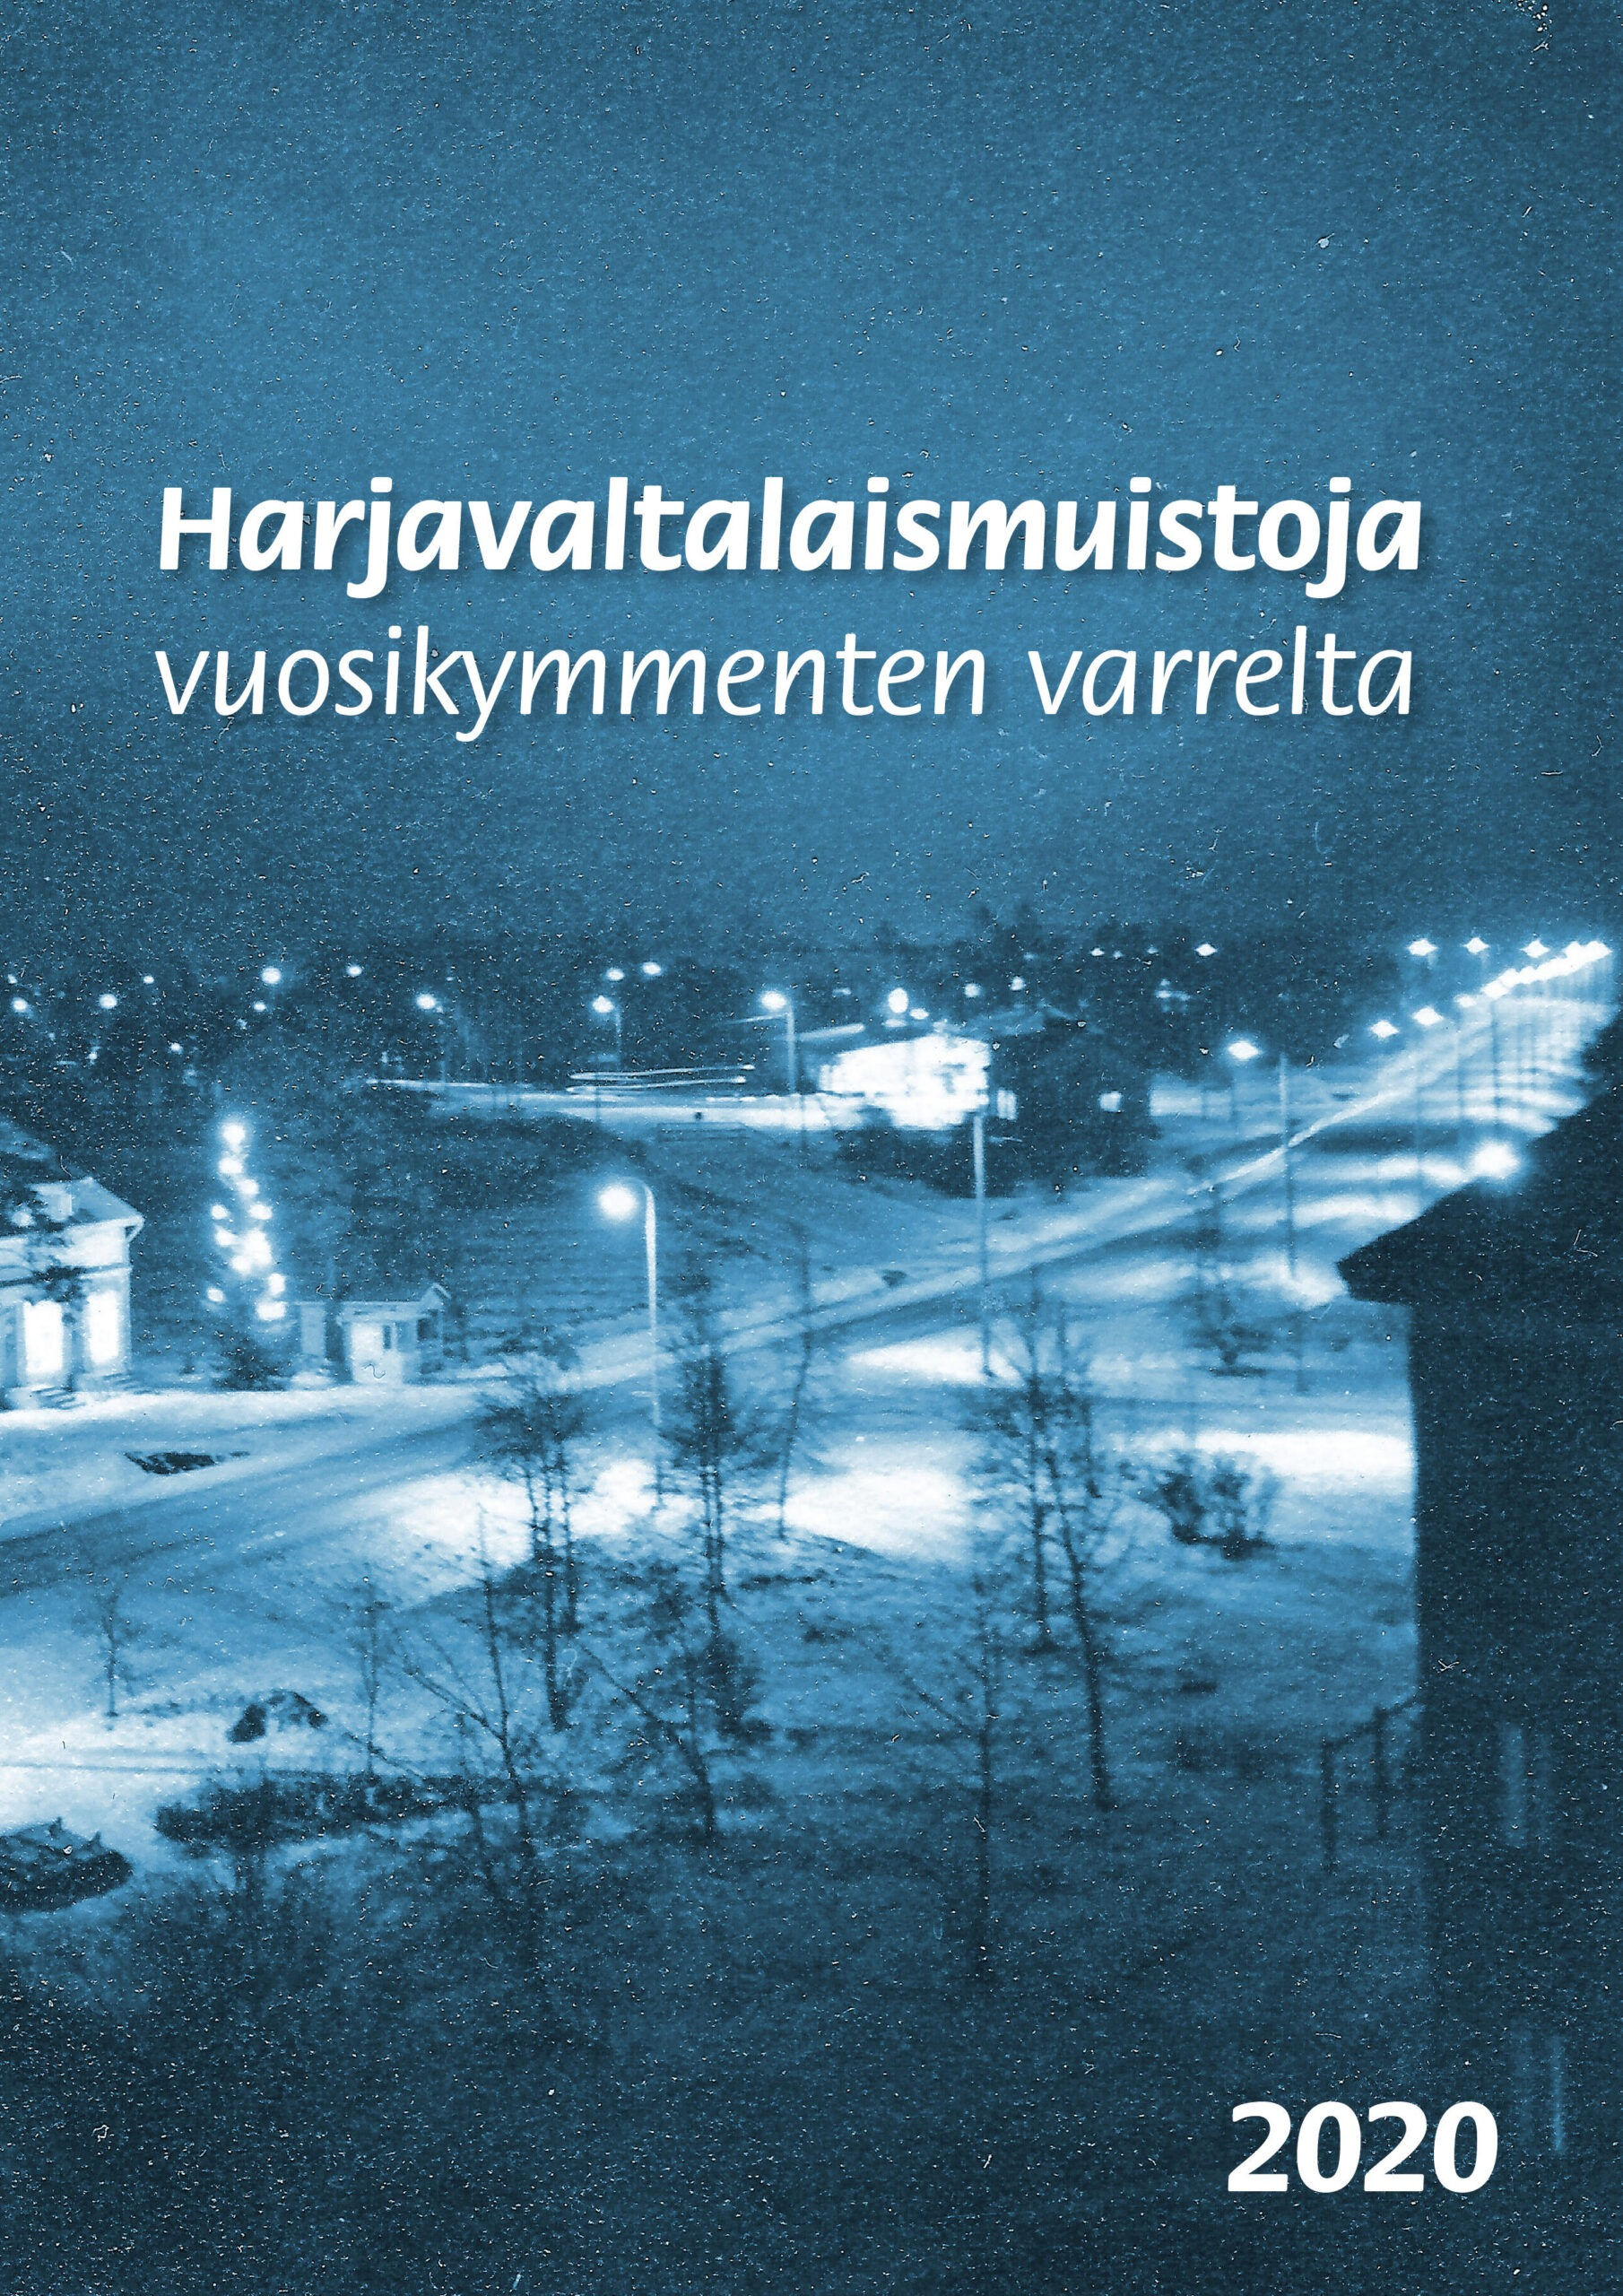 Harjavaltalaismuistoja vuosikymmenten varrelta -lehden kansi, 2020.